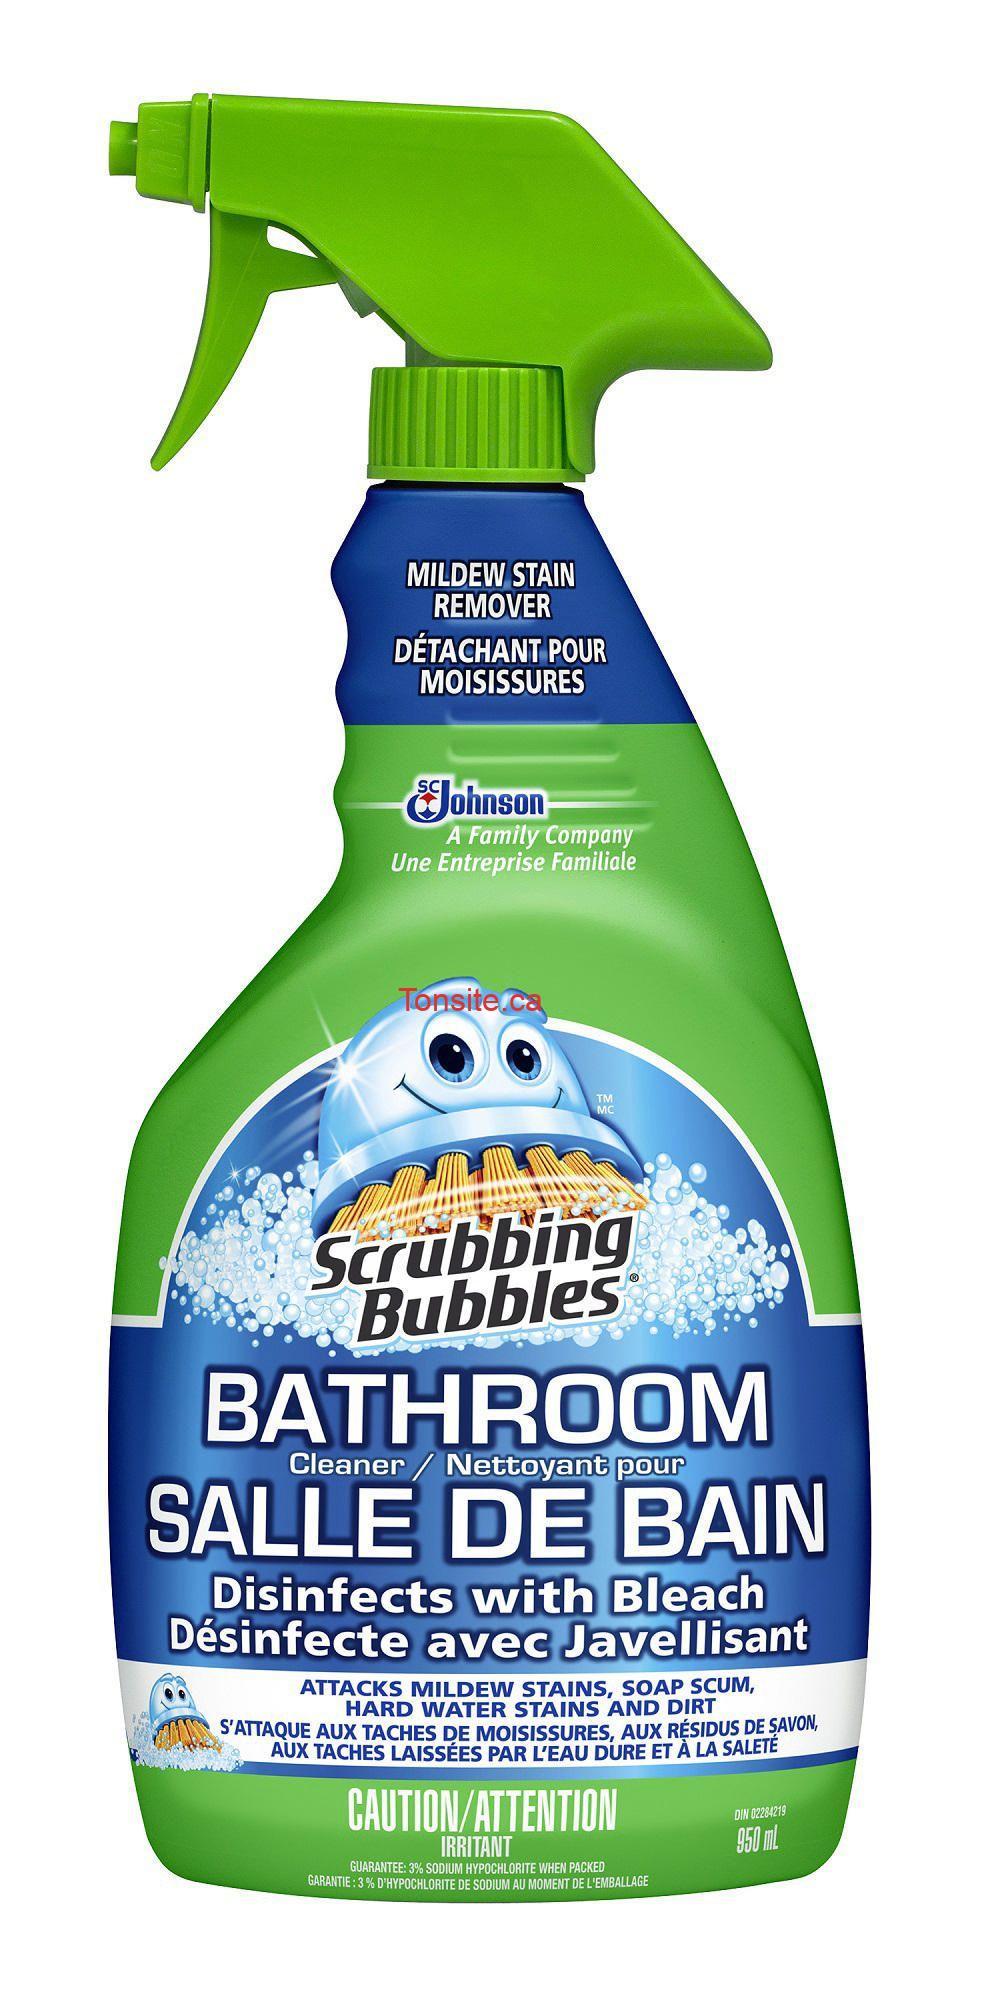 achetez un produit scrubbing bubbles nettoyant pour salle de bain au choix et obtenez en 1 gratuit. Black Bedroom Furniture Sets. Home Design Ideas